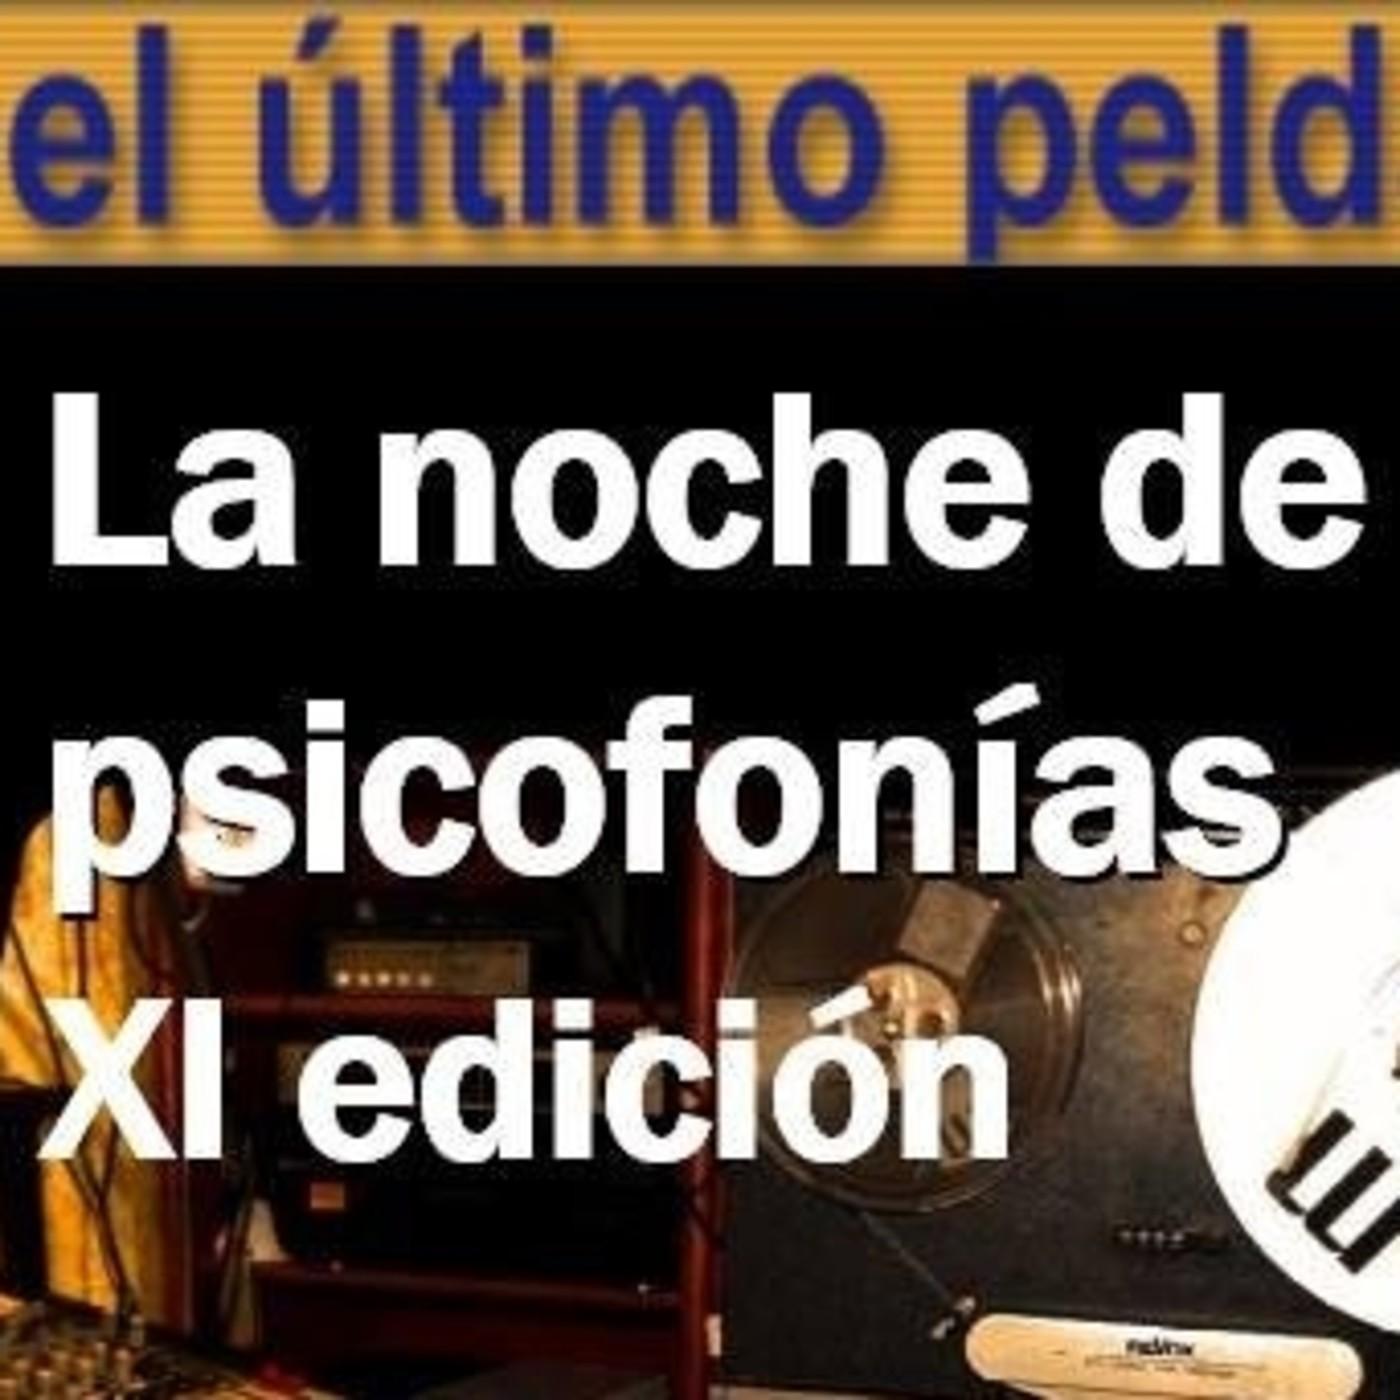 Audio 035 - XI Noche de las Psicofonías - Resultados del evento ...